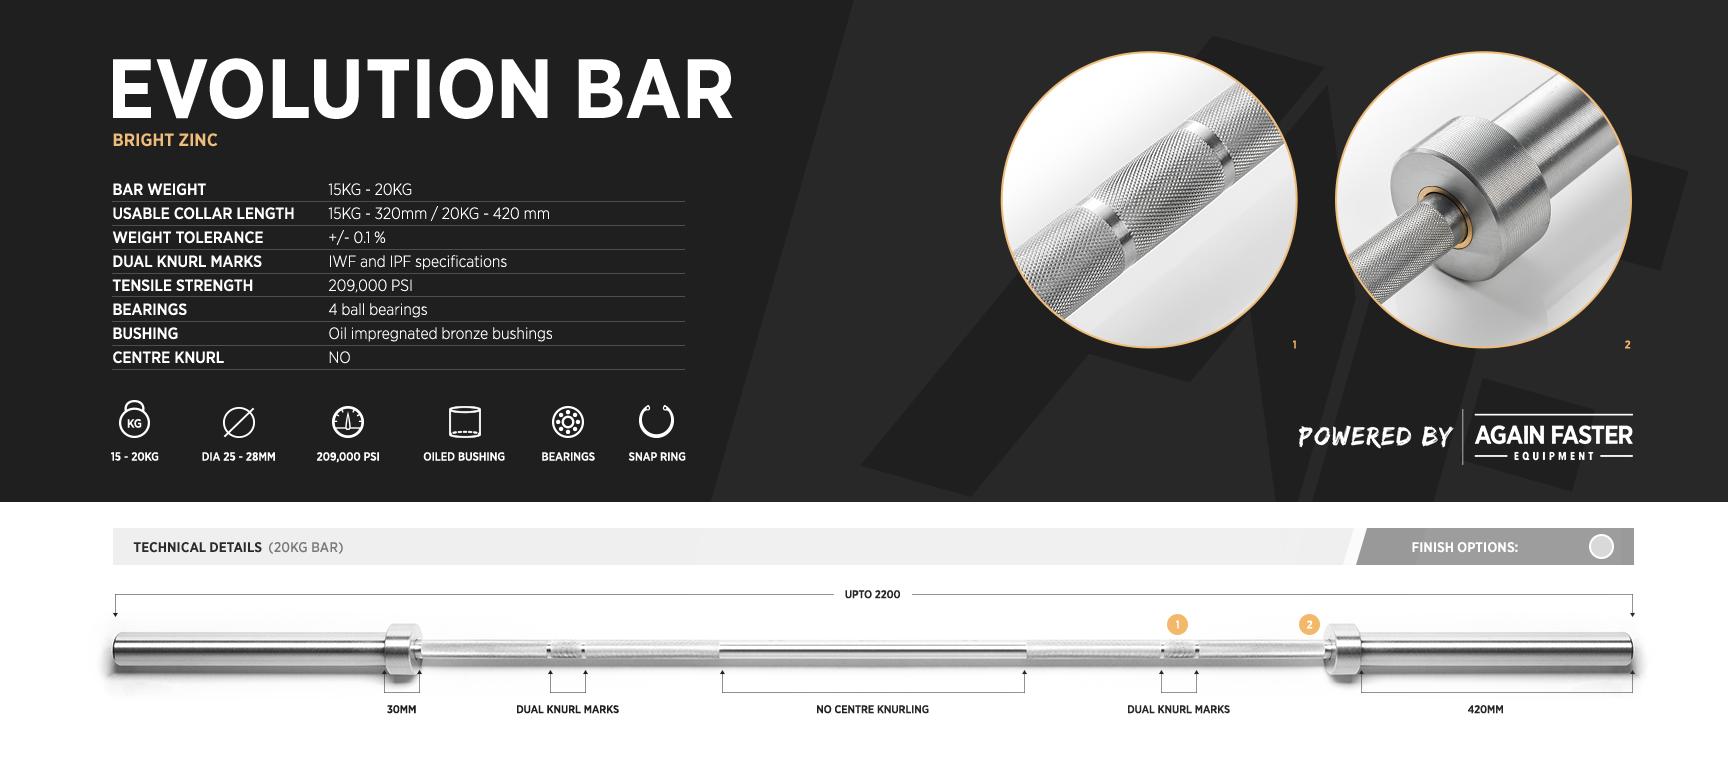 Evolution Bar Specs